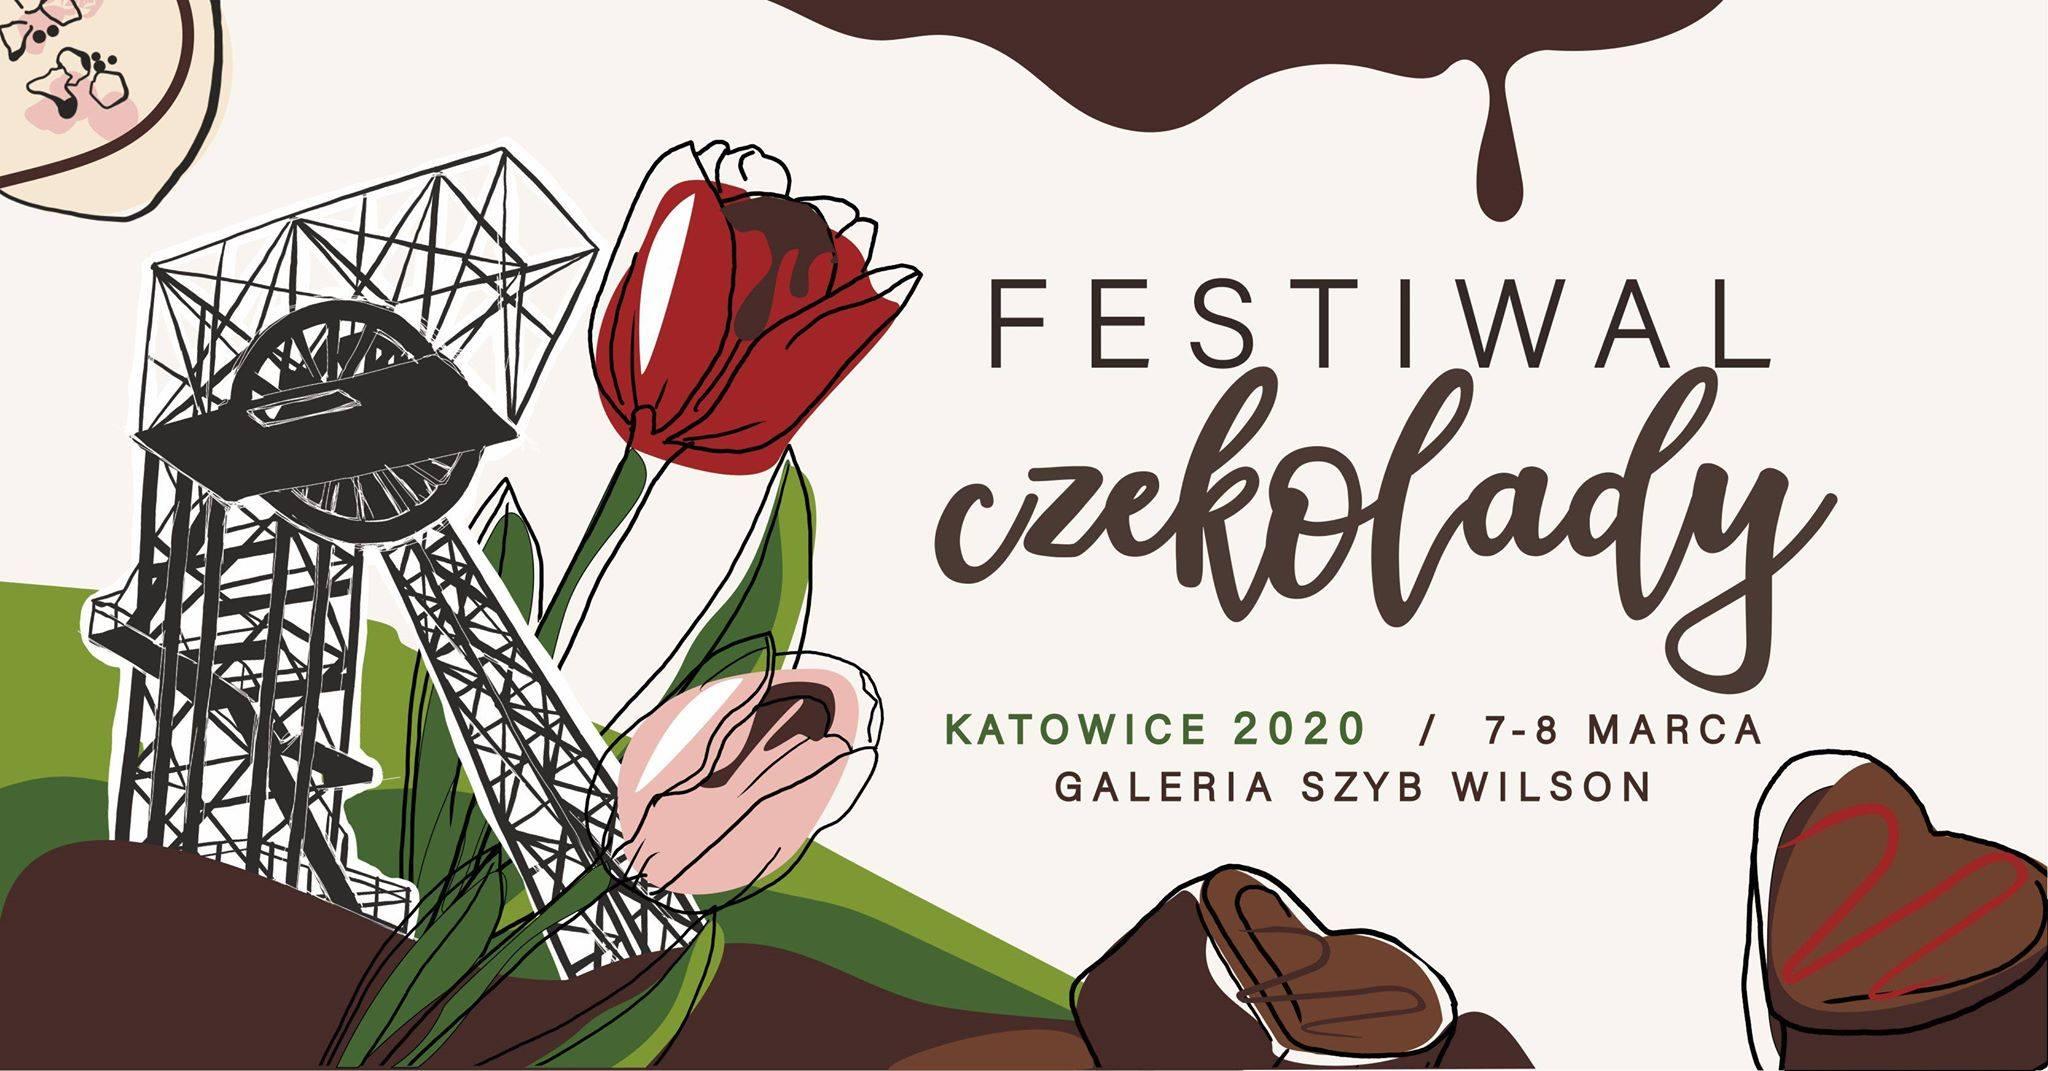 Festiwal Czekolady w Katowicach 7-8 marca